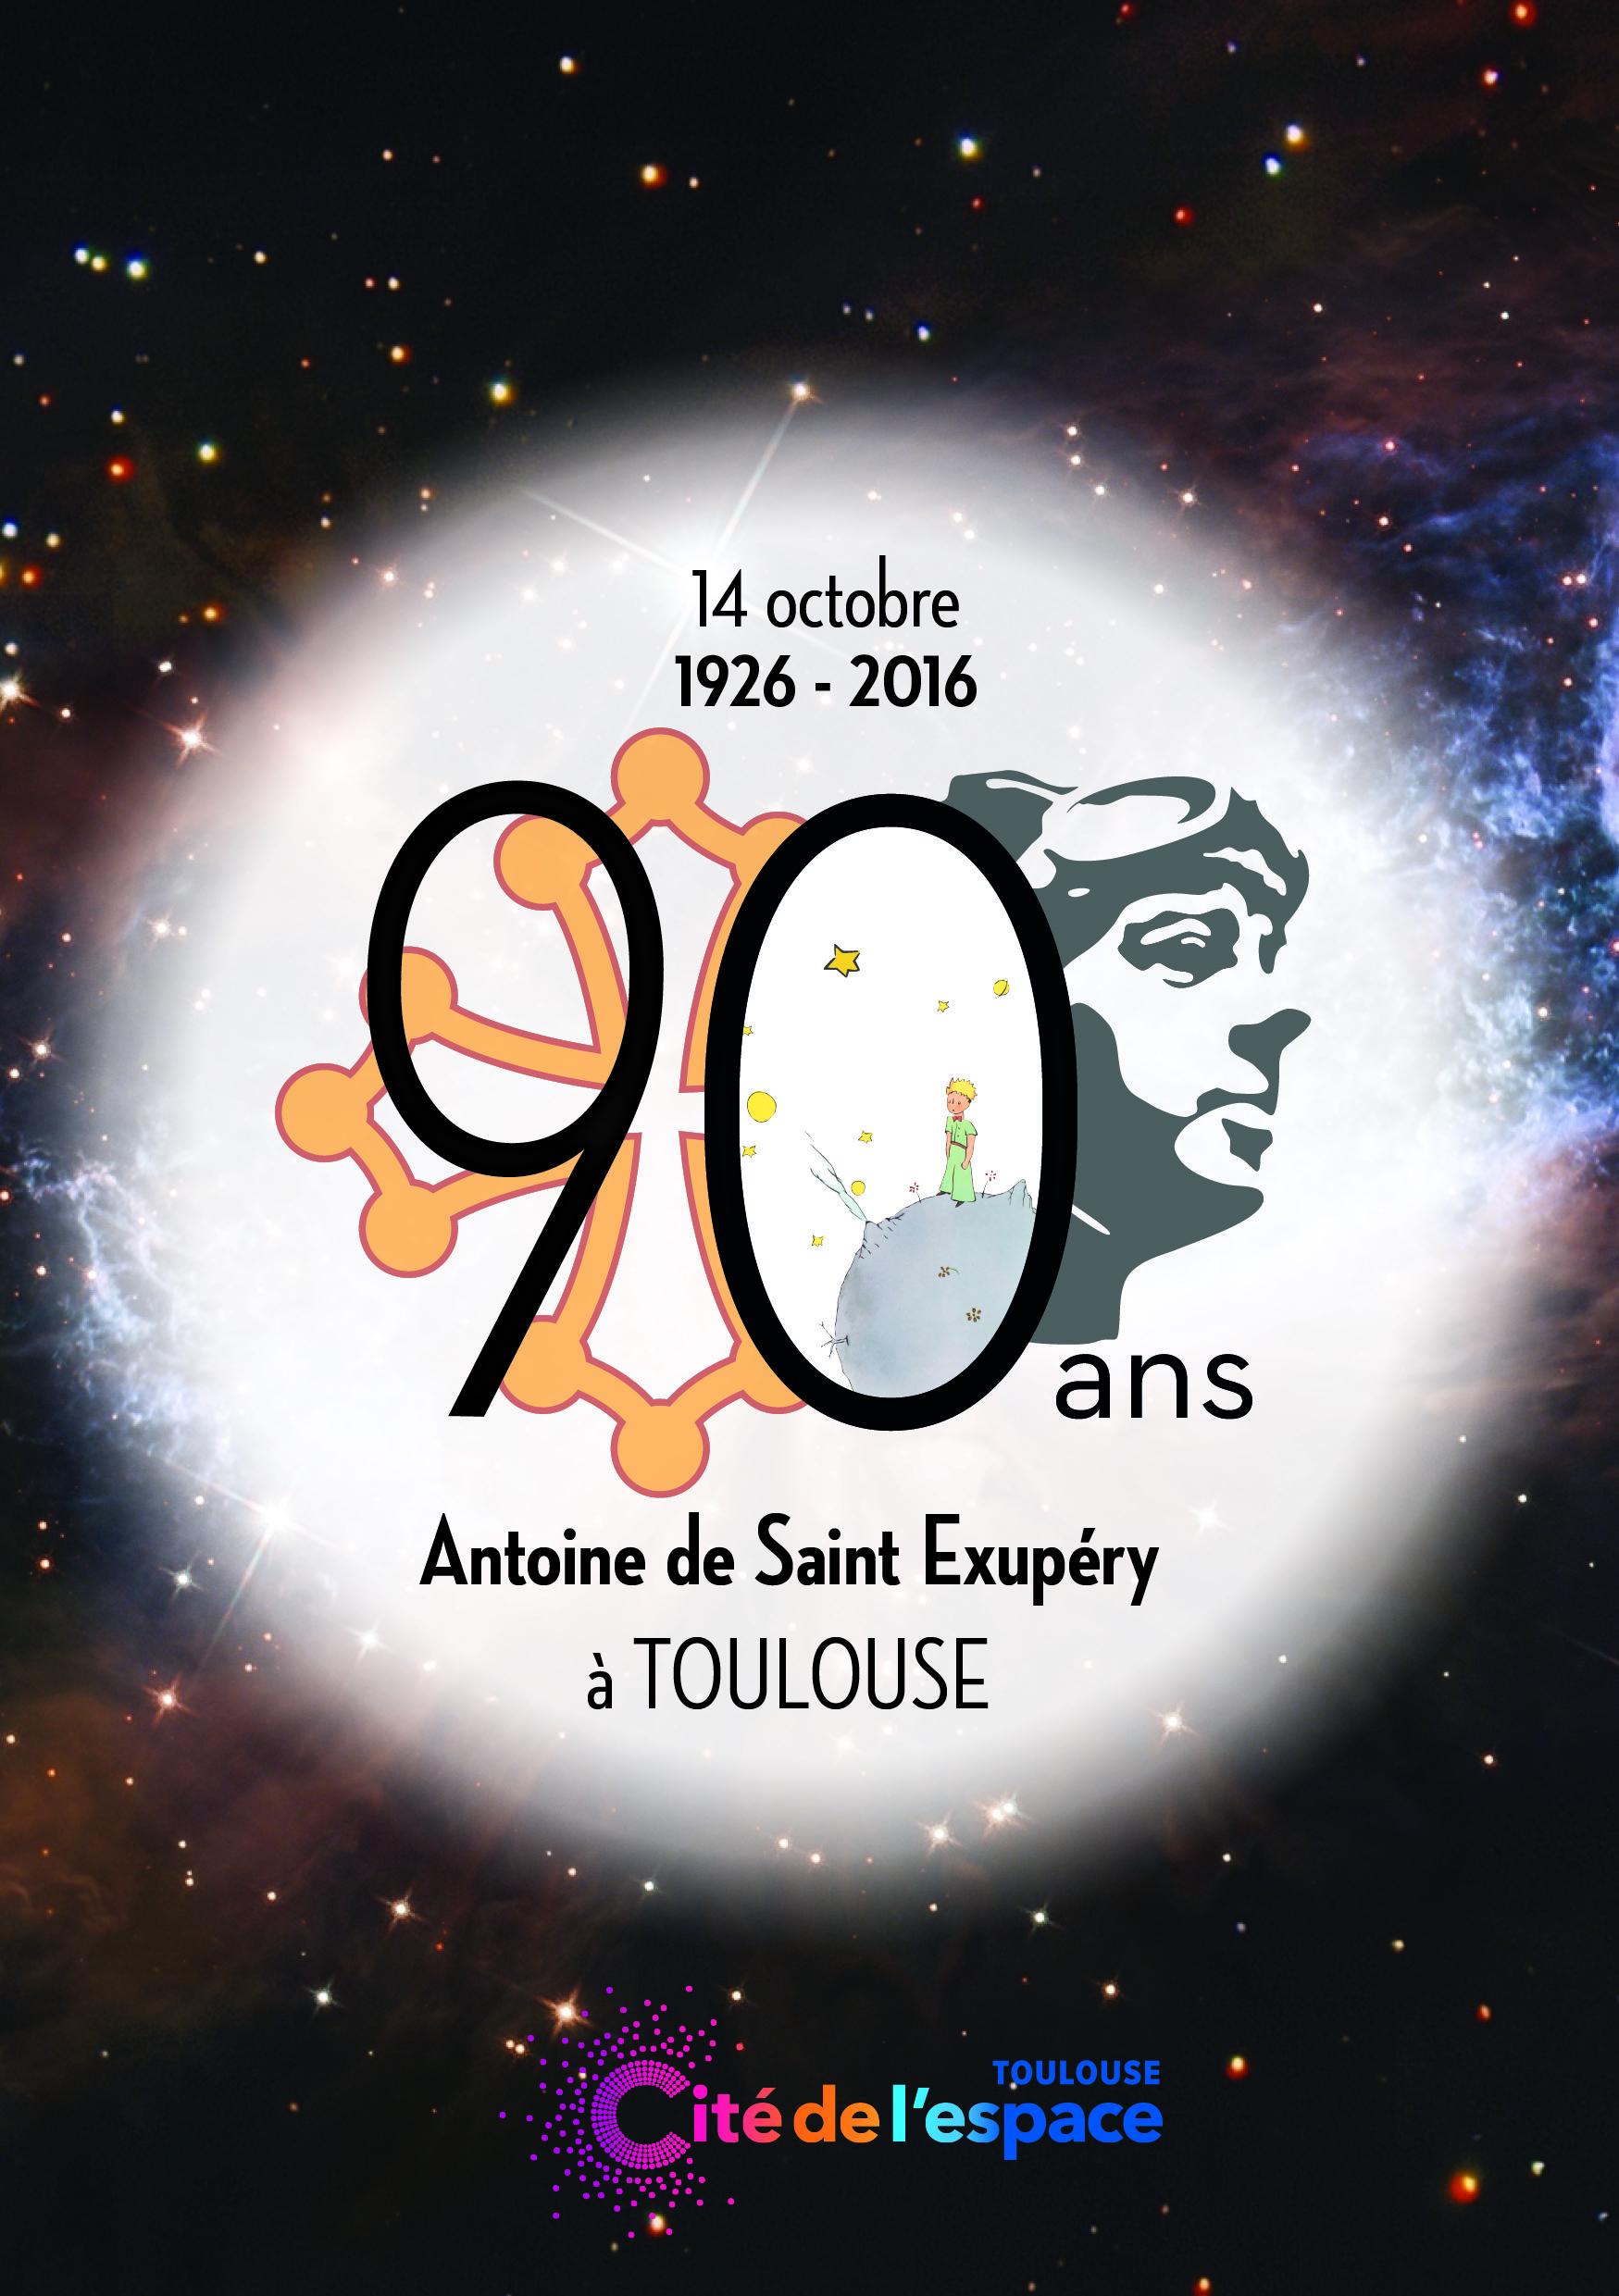 Img Rencontres Saint Exupery.jpg